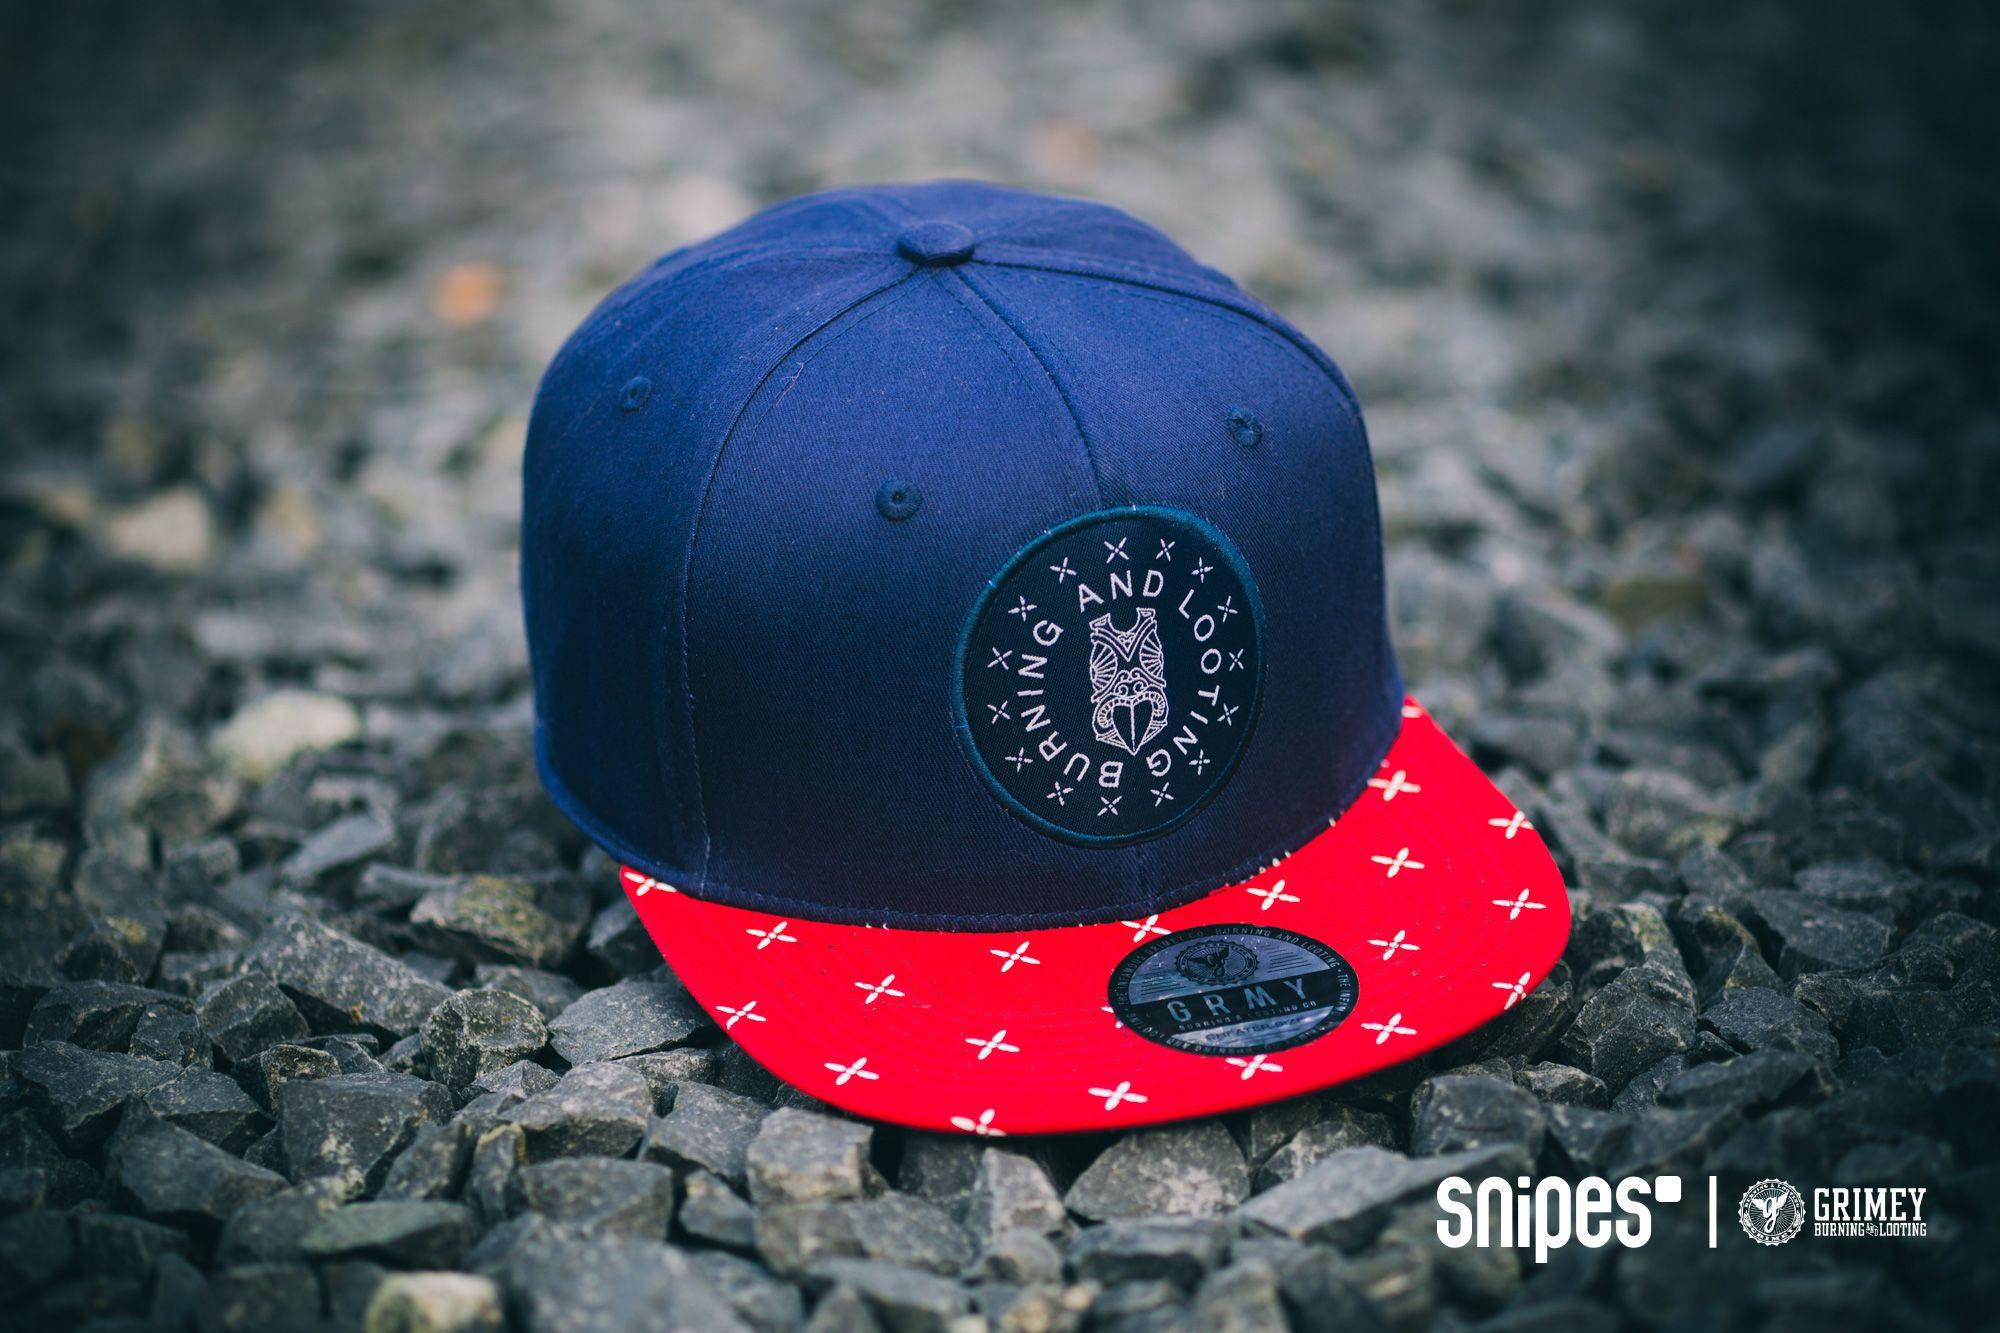 Ganz neu bei uns ist Grimey, die spanische Streetwear-Brand, die unter anderem solche Knaller wie diese Tribe Strapback am Start hat. Auf der navyblauen Krone gibt es einen großen Frontpatch und eine Grimey Logostickerei auf der Rückseite zu bewundern, der Schirm kommt mit Allover-Print daher. Ab sofort im SNIPES Onlineshop erhältlich! Artikelnr.: 7005747 Preis: 29,99 Euro #snipes #snipesknows #grimey #strapback #caps